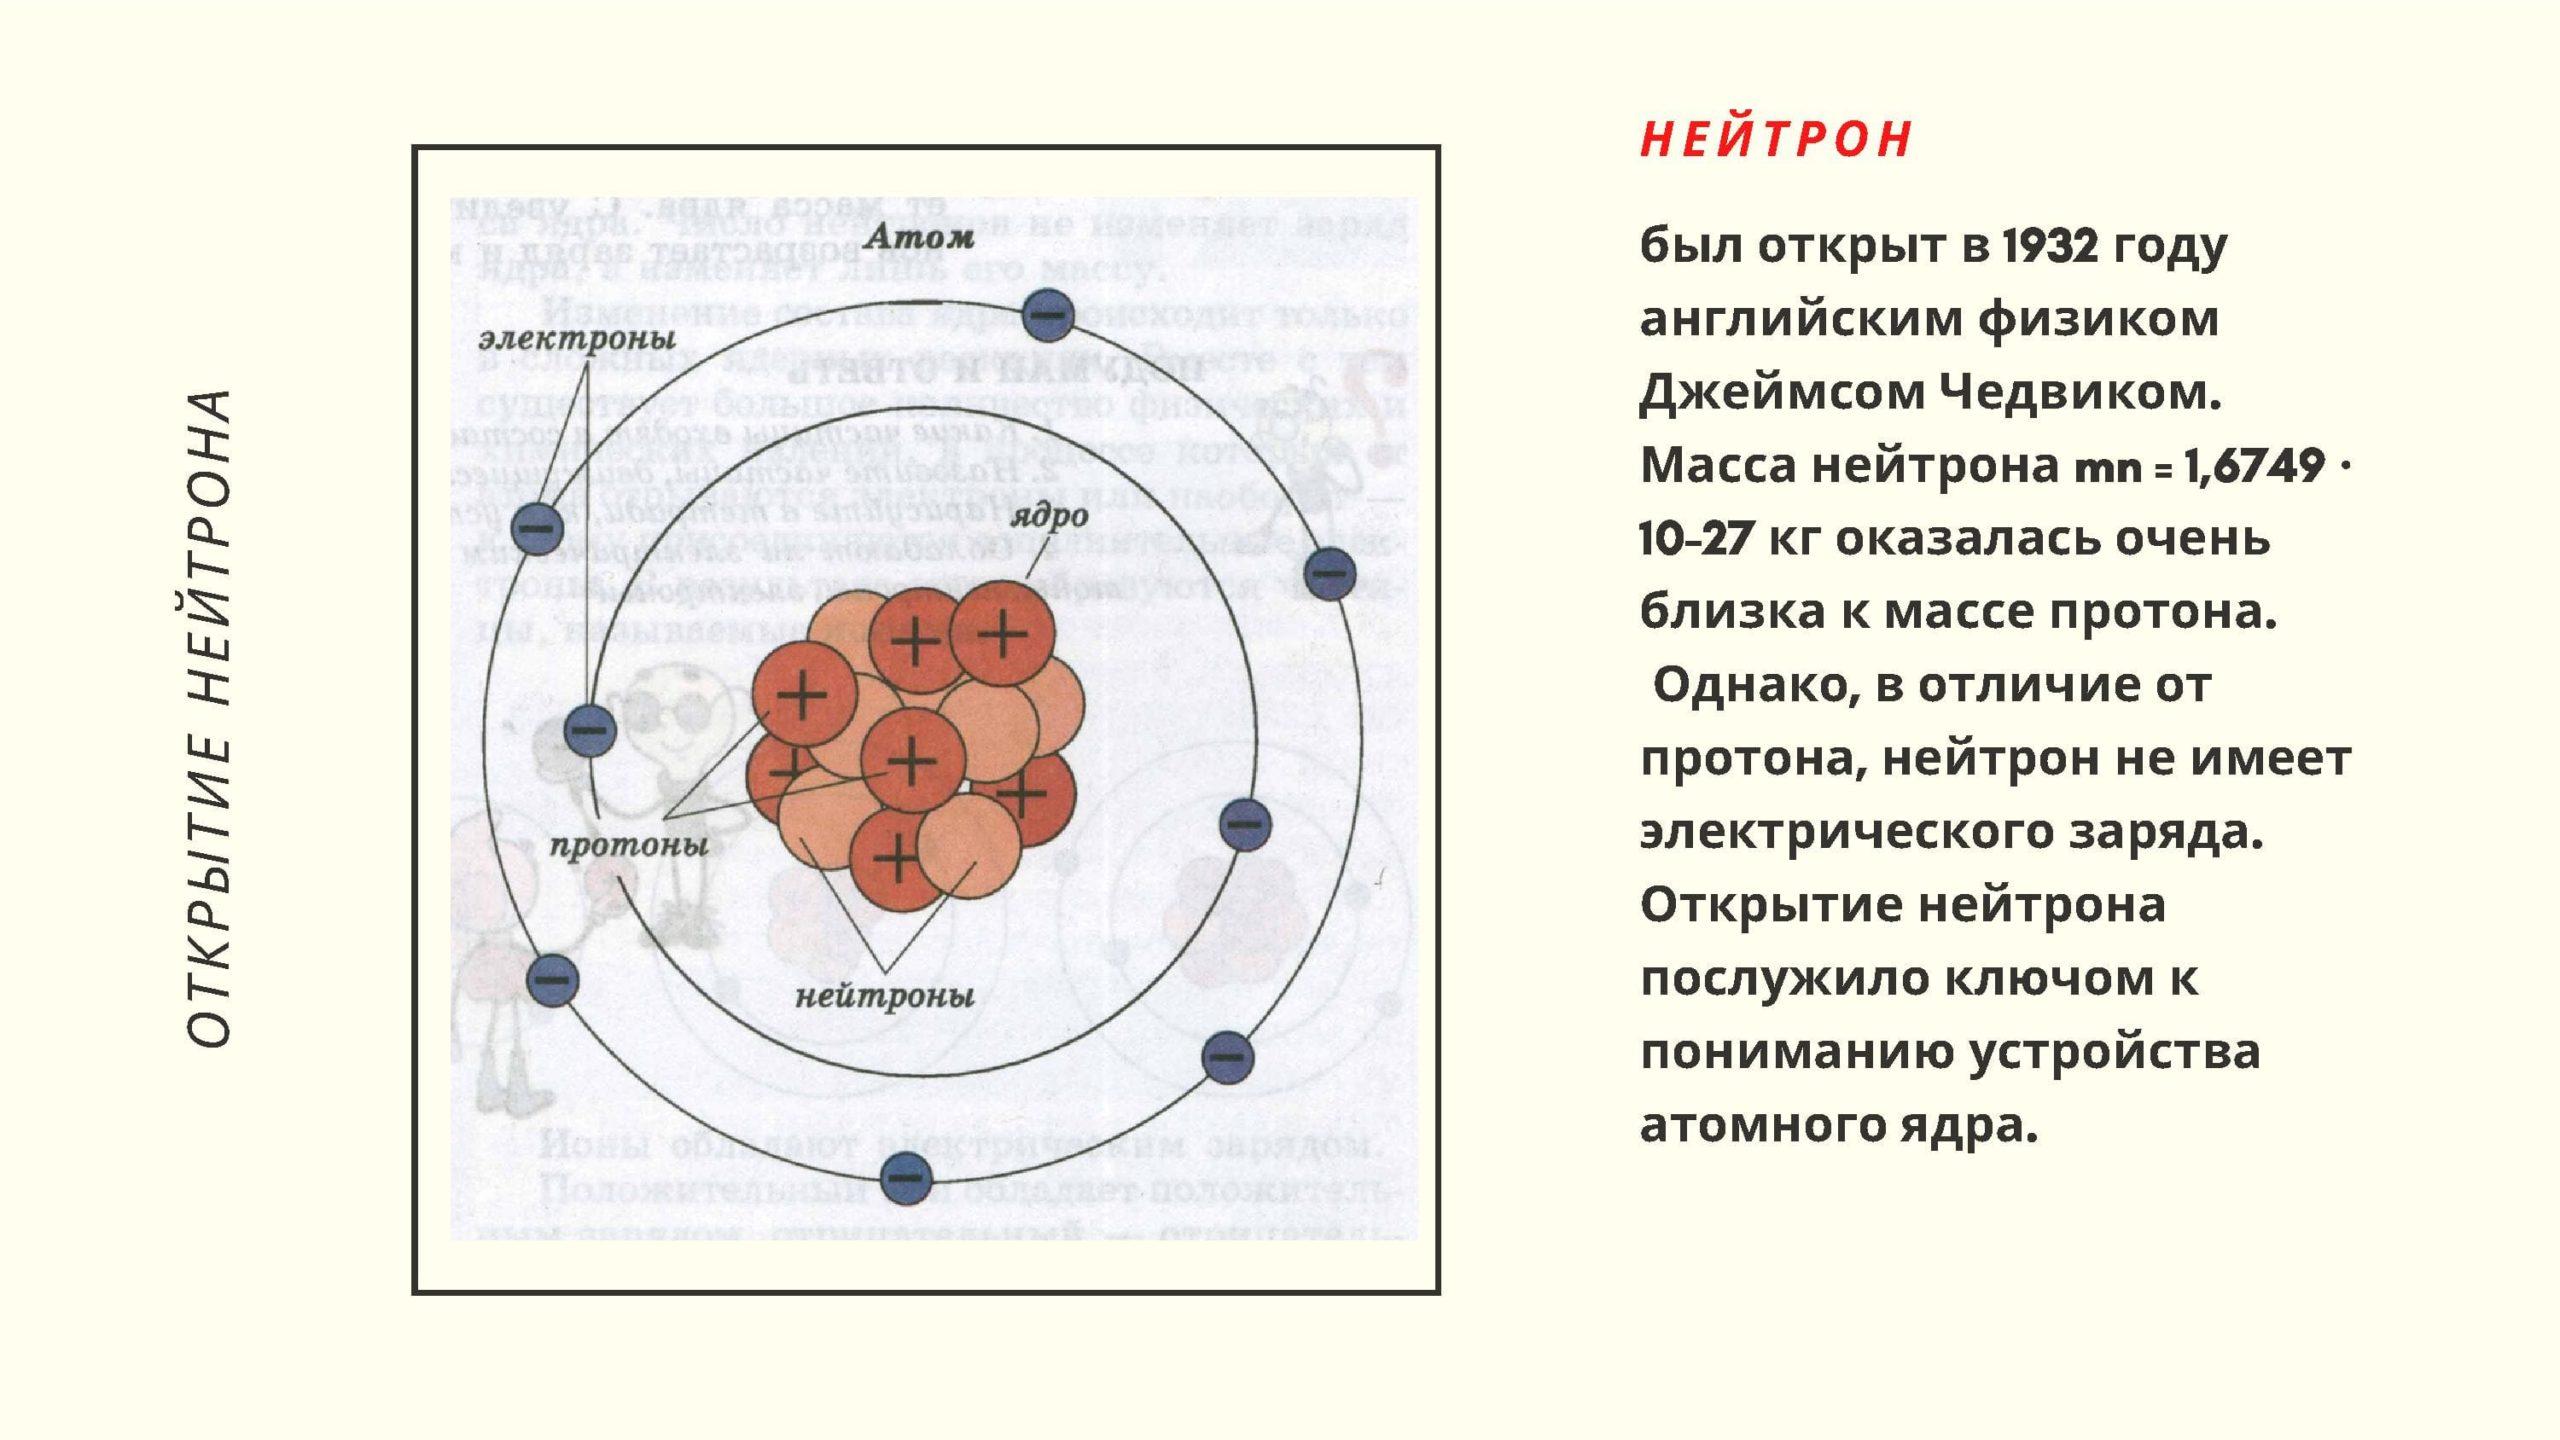 Открытие нейтрона